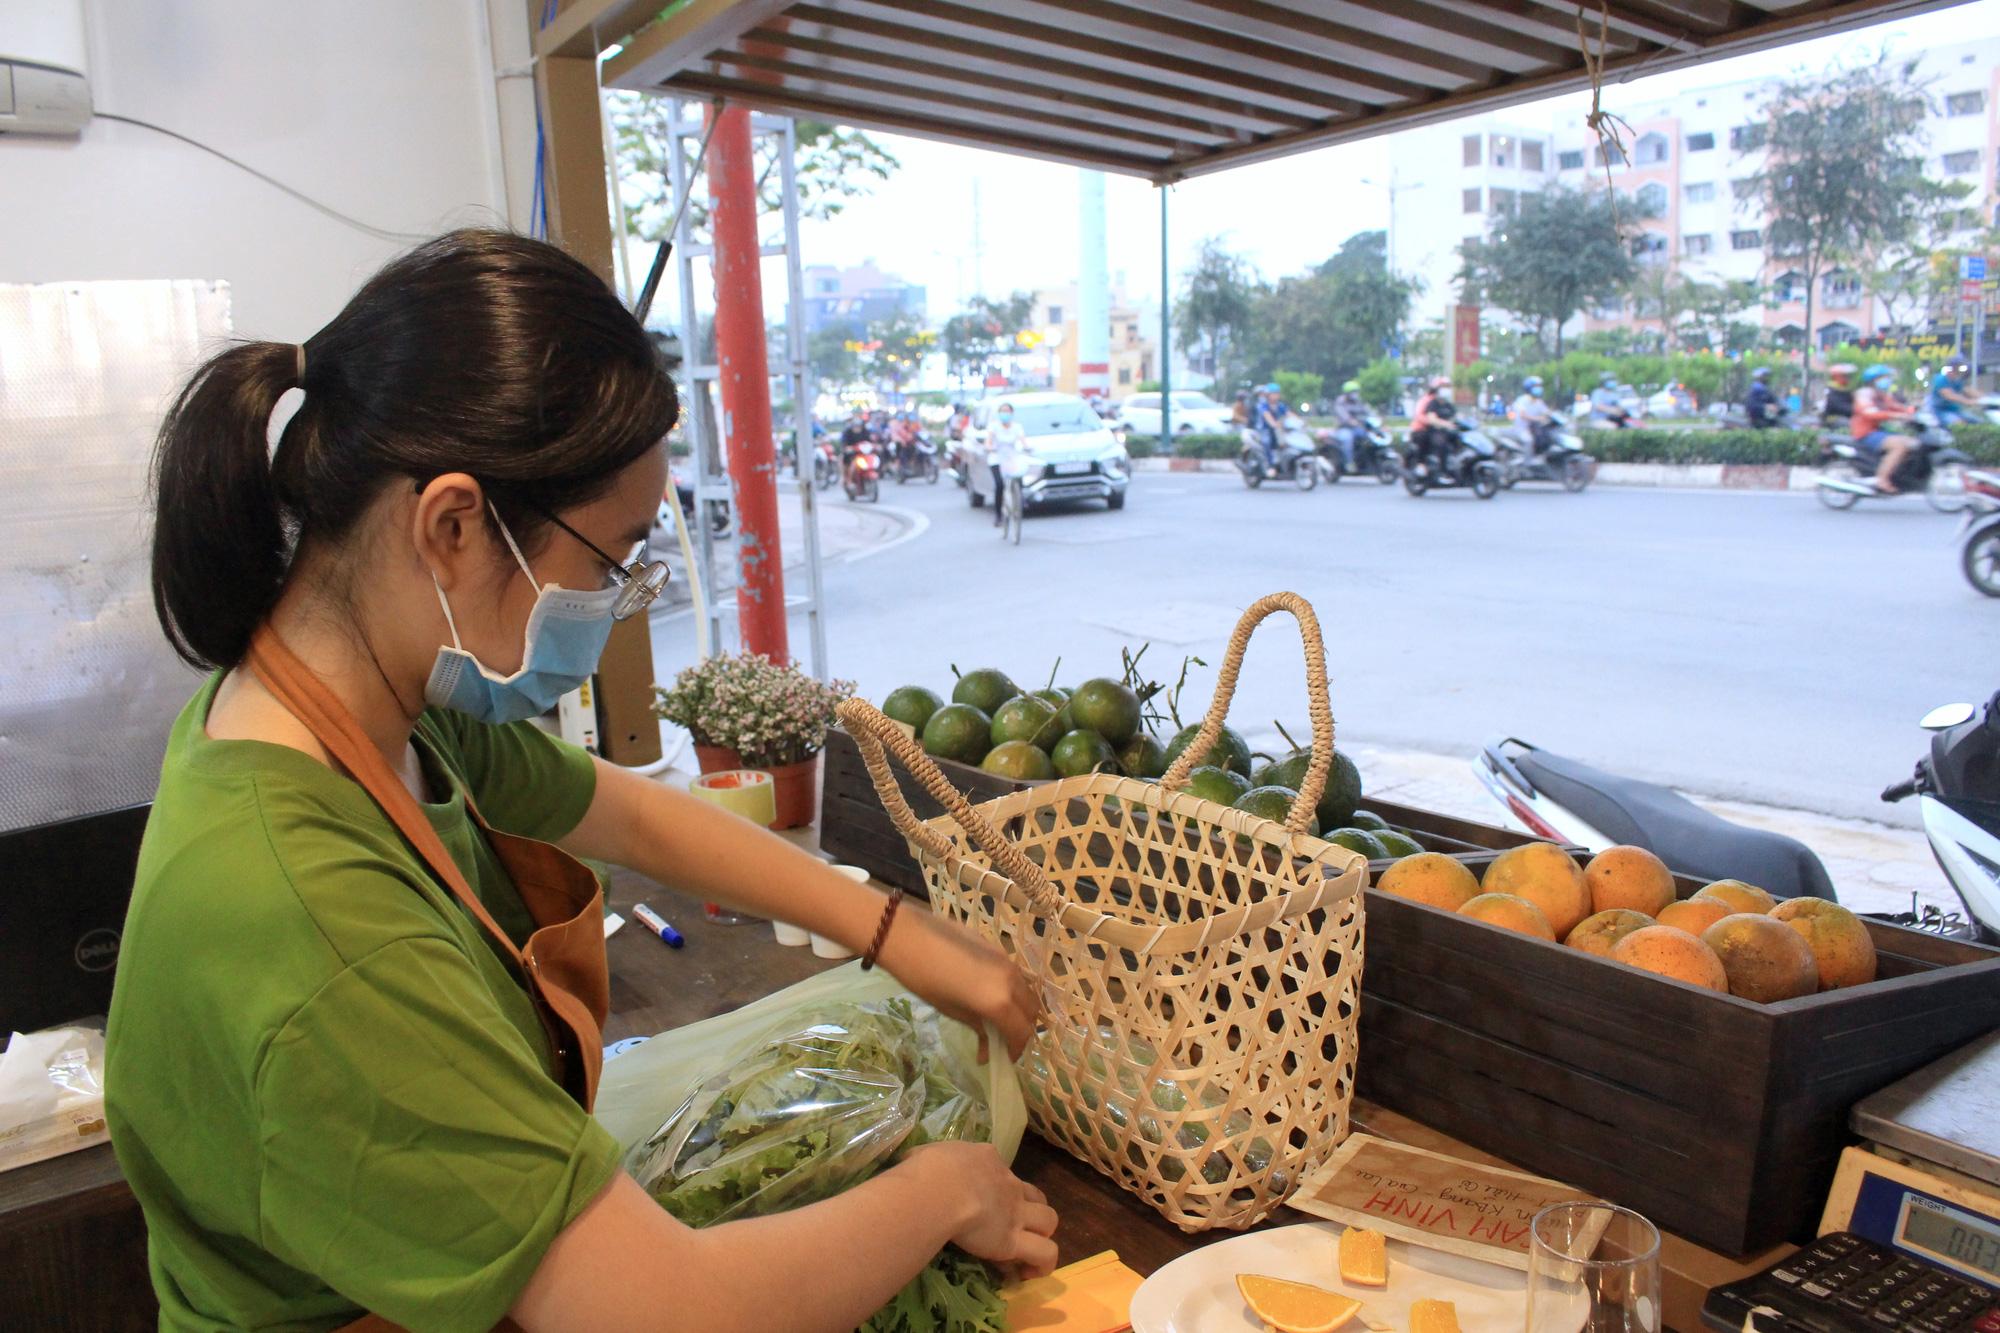 Siêu thị của nông dân đầu tiên ở Sài Gòn có gì, mà vừa mở bán, thanh long, cam canh đã bị mua sạch? - Ảnh 11.